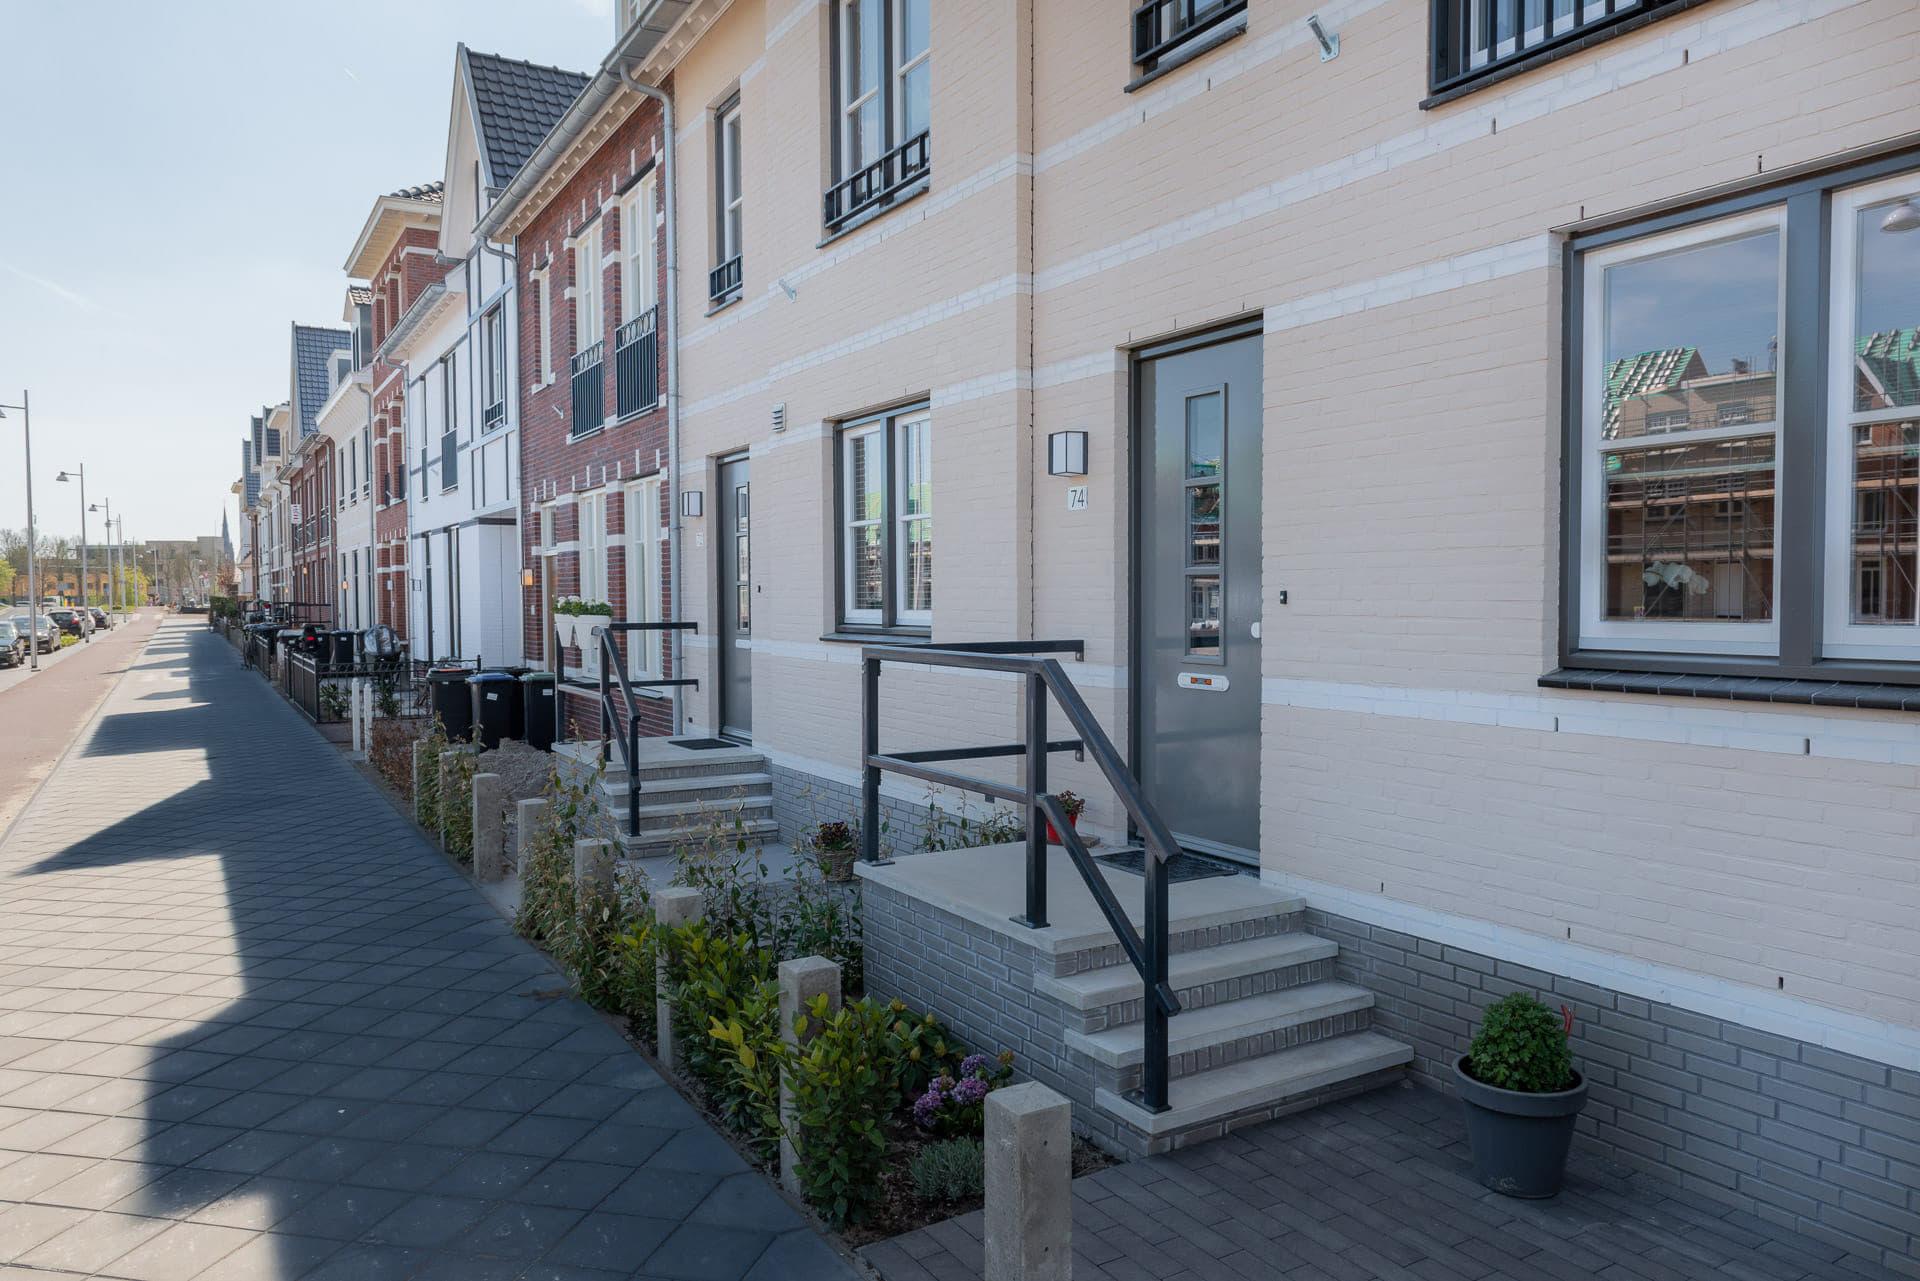 Een rij huizen vanaf de zijkant bekeken met op de voorgrond een trapje naar de voordeur